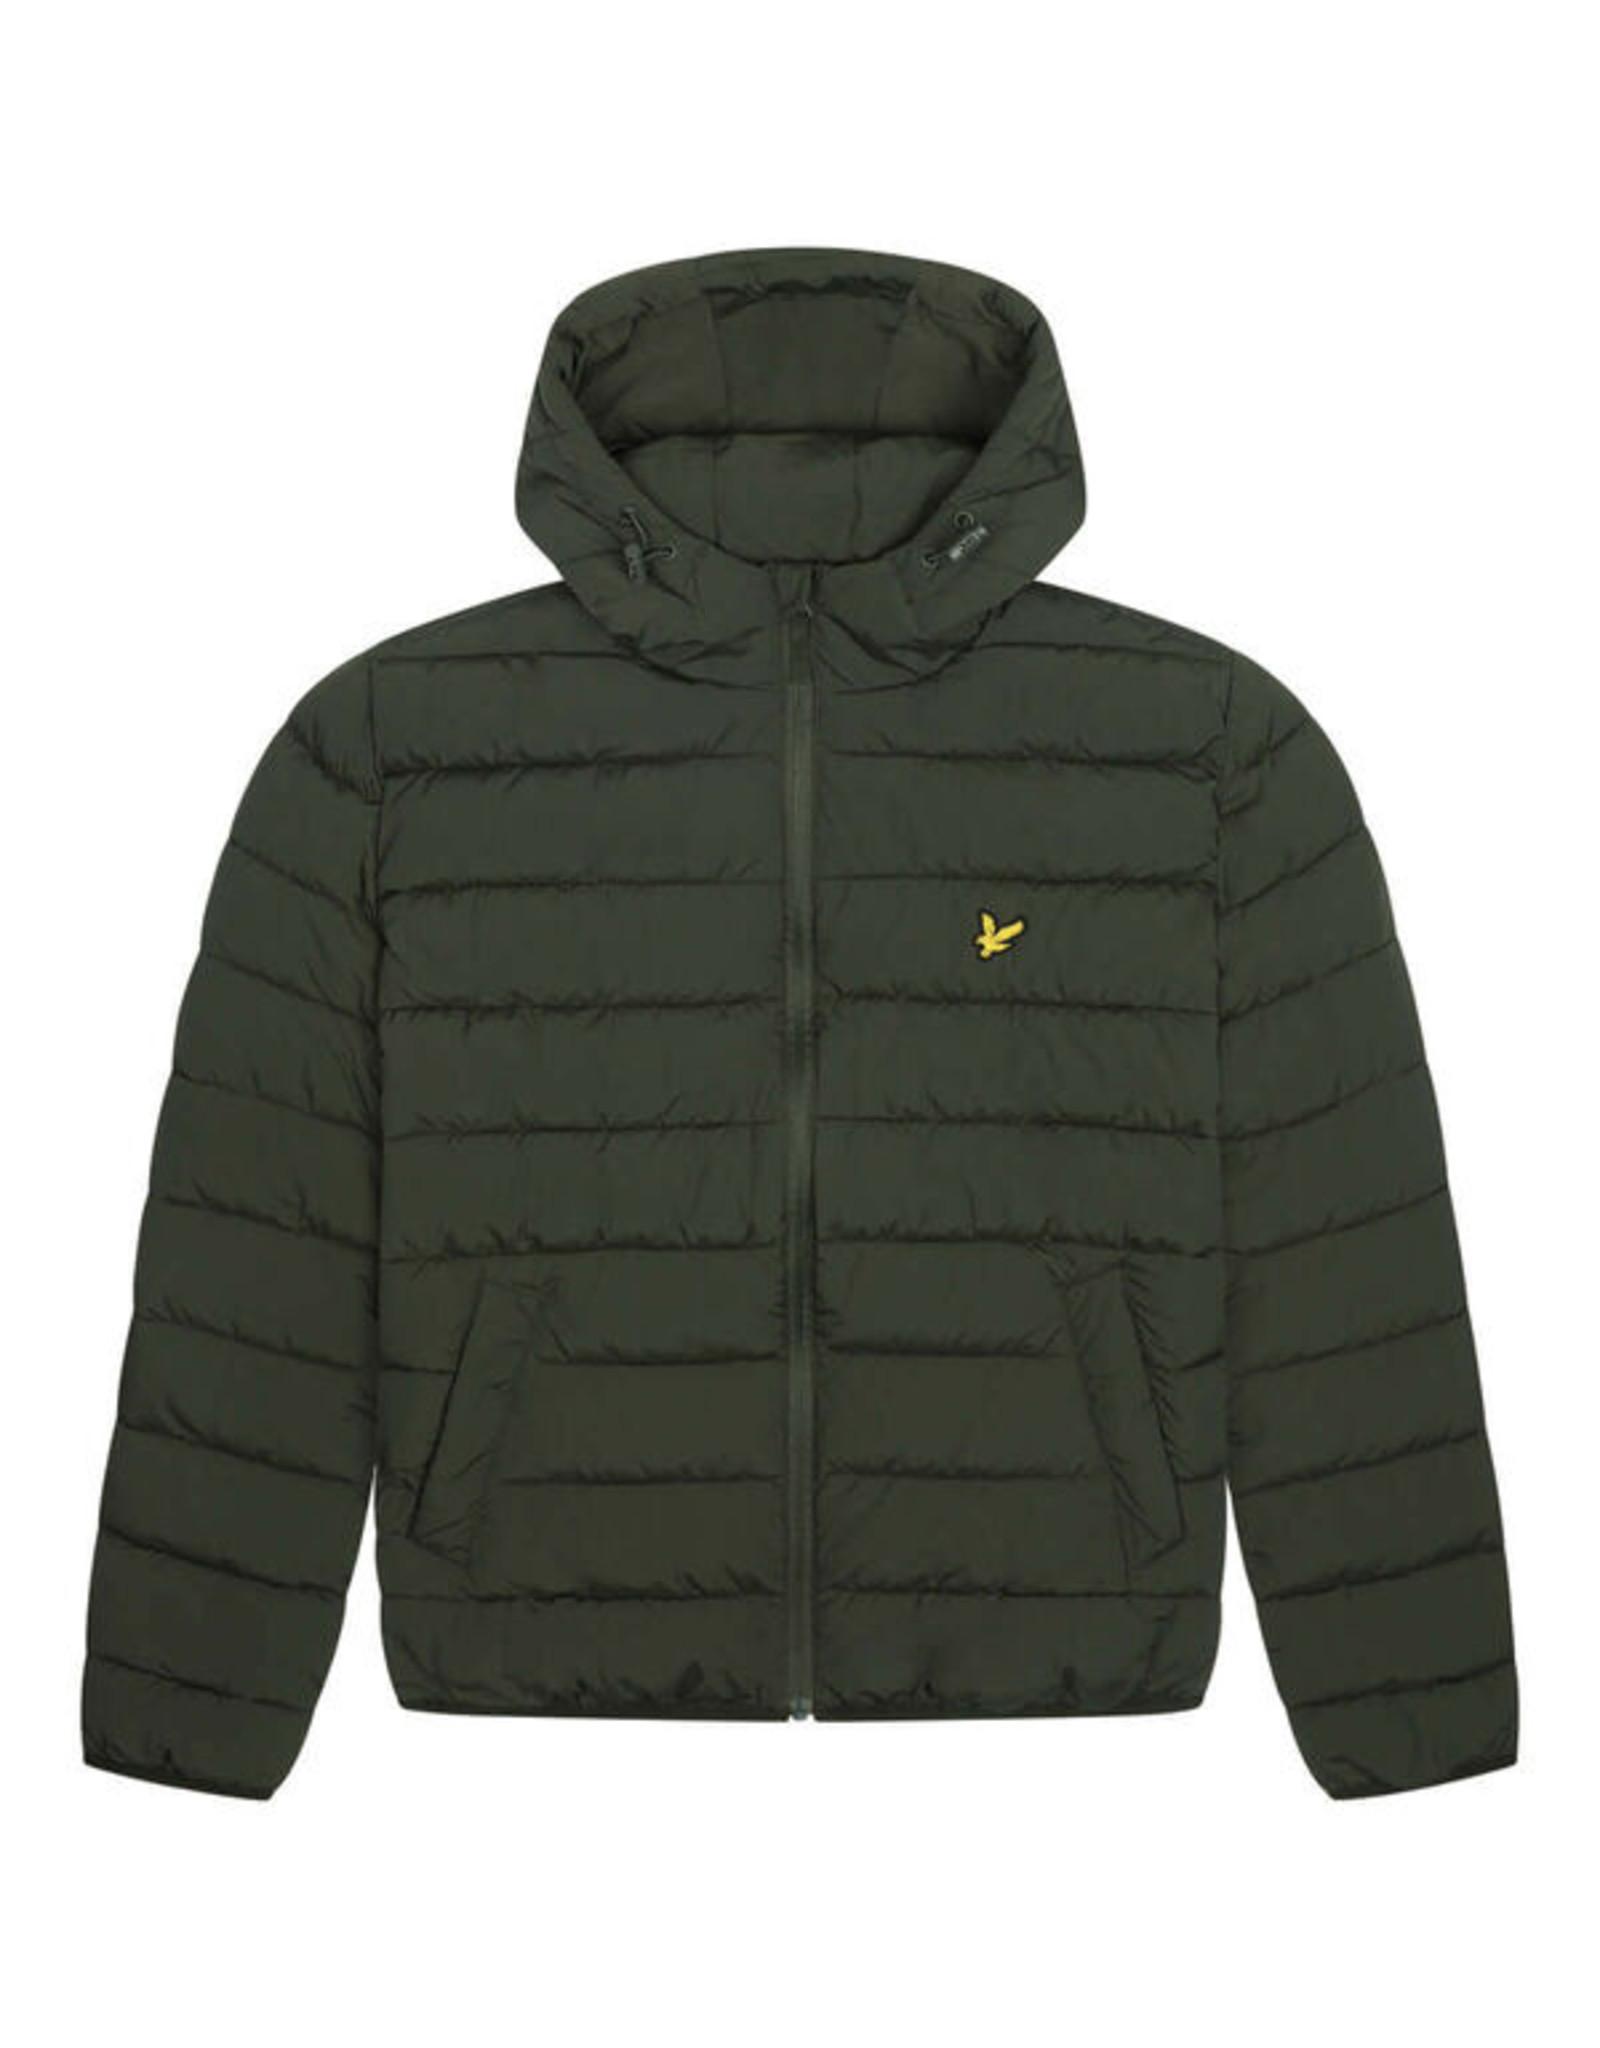 Lyle and scott Light weight puffer jacket